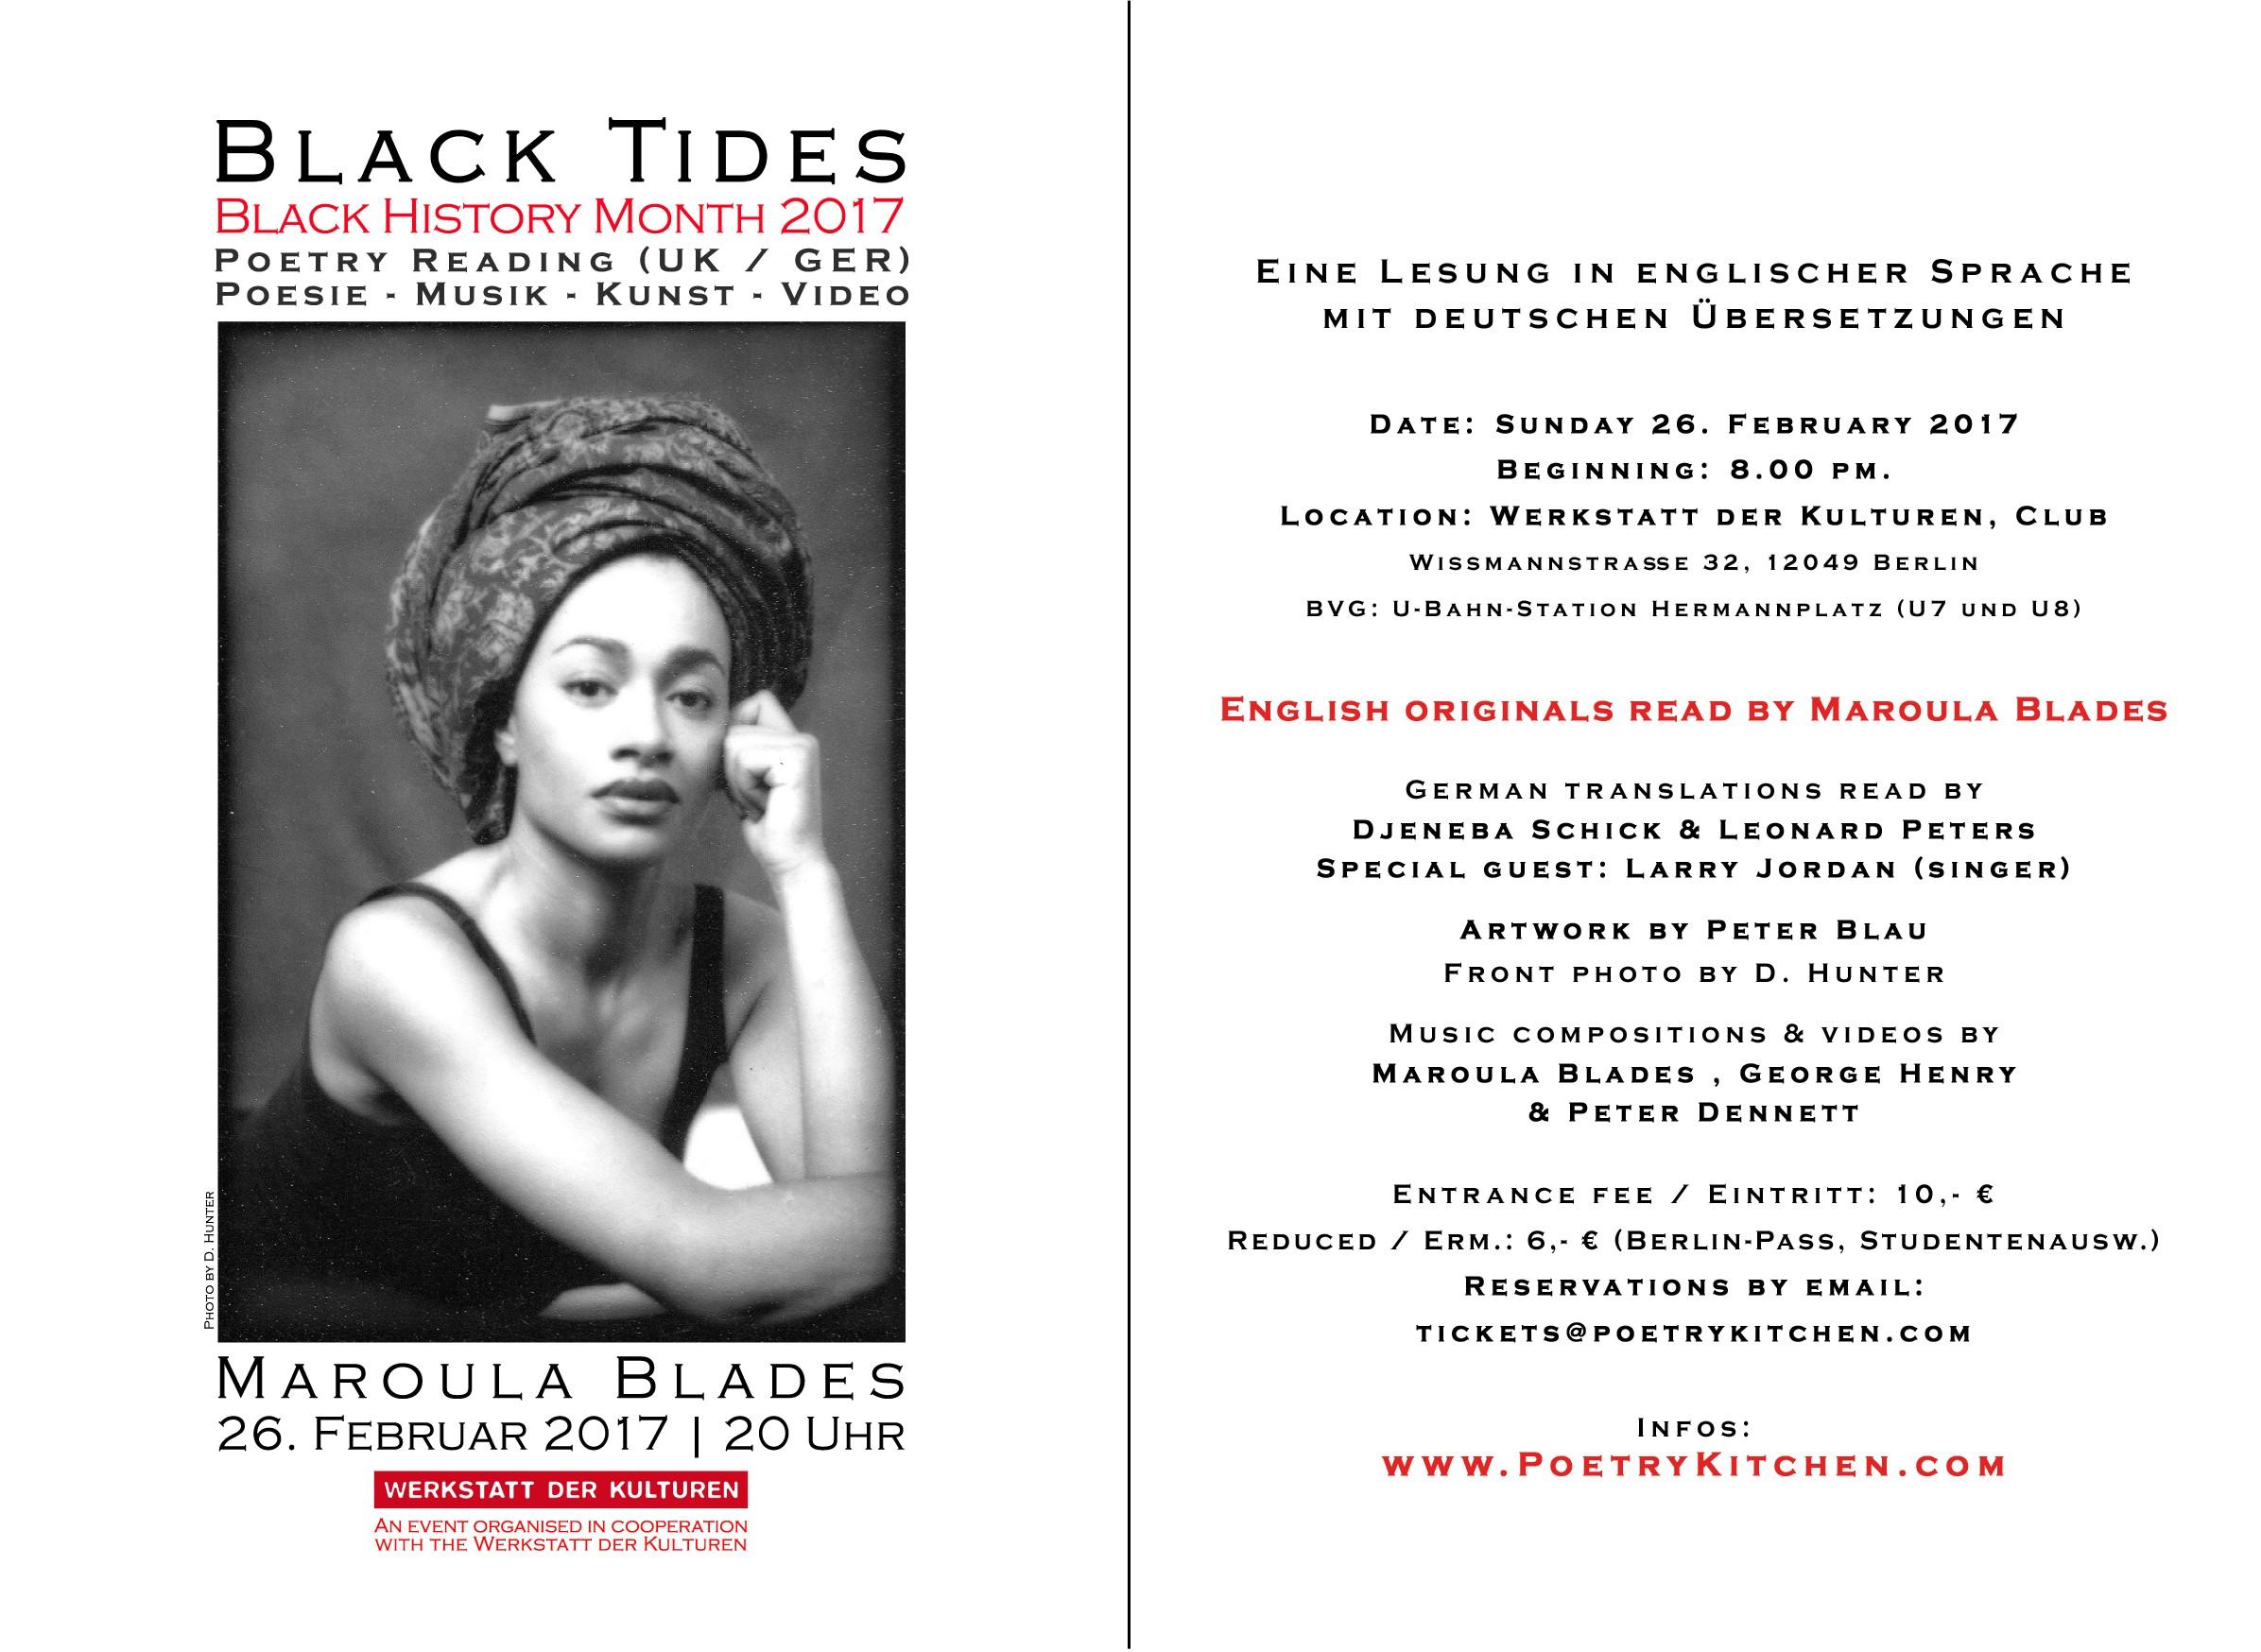 email flyer - Maroula Blades - Black Tides